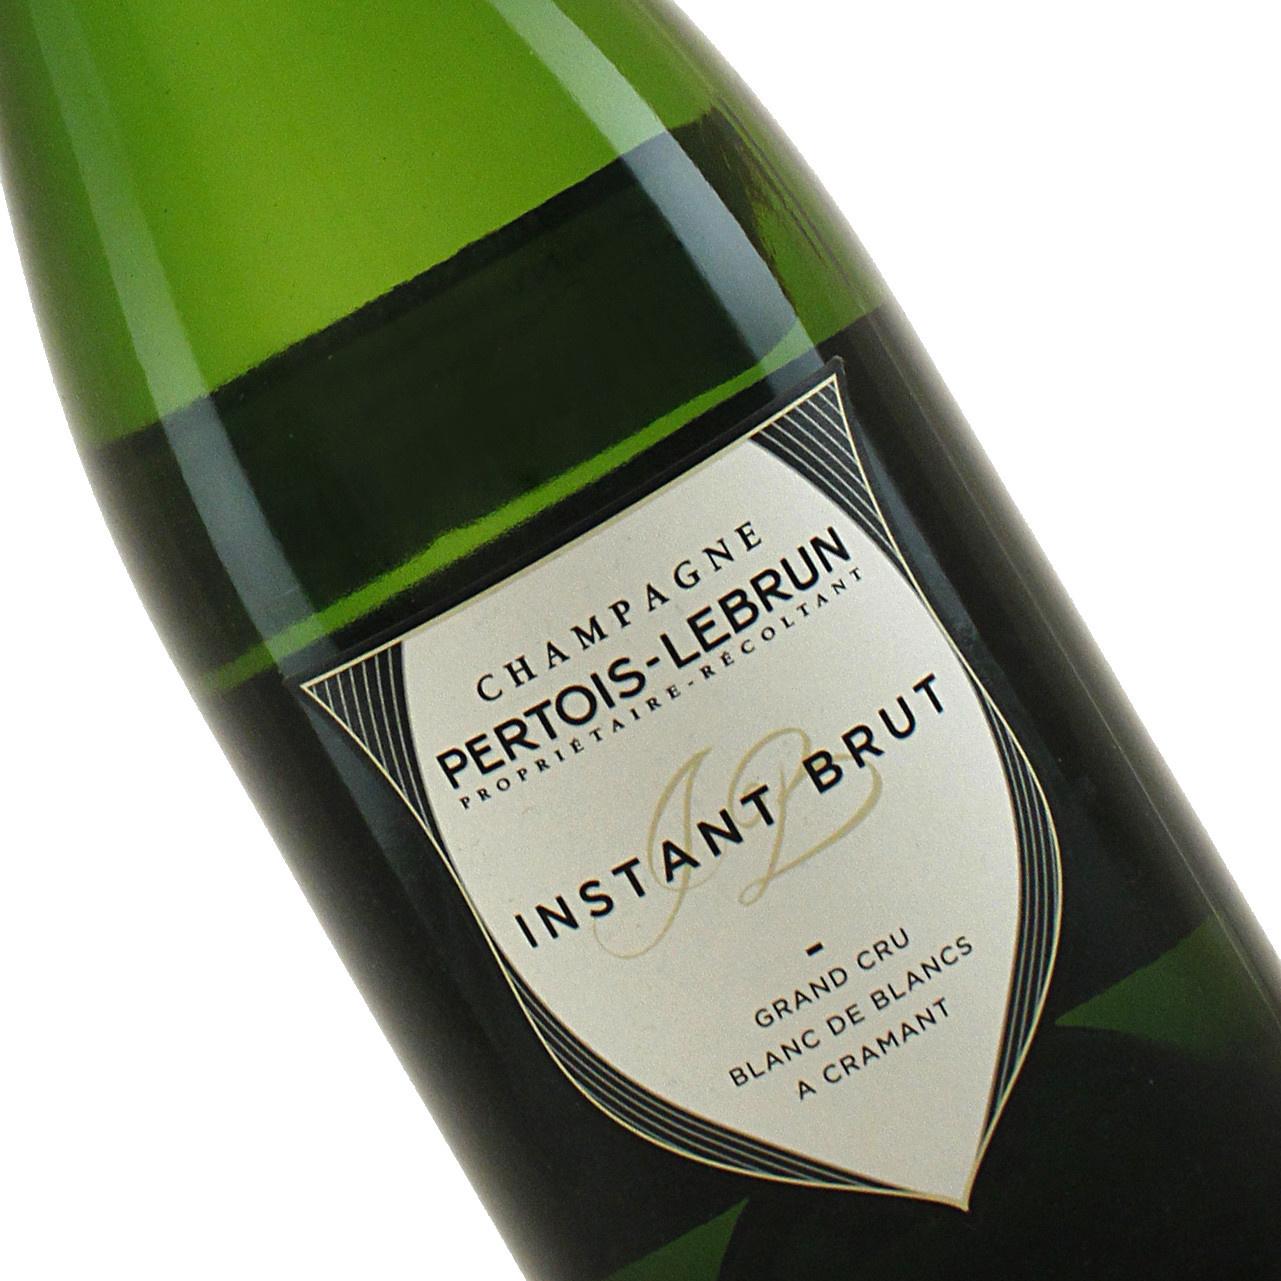 Pertois NV Instant Brut Blanc de Blanc, Champagne